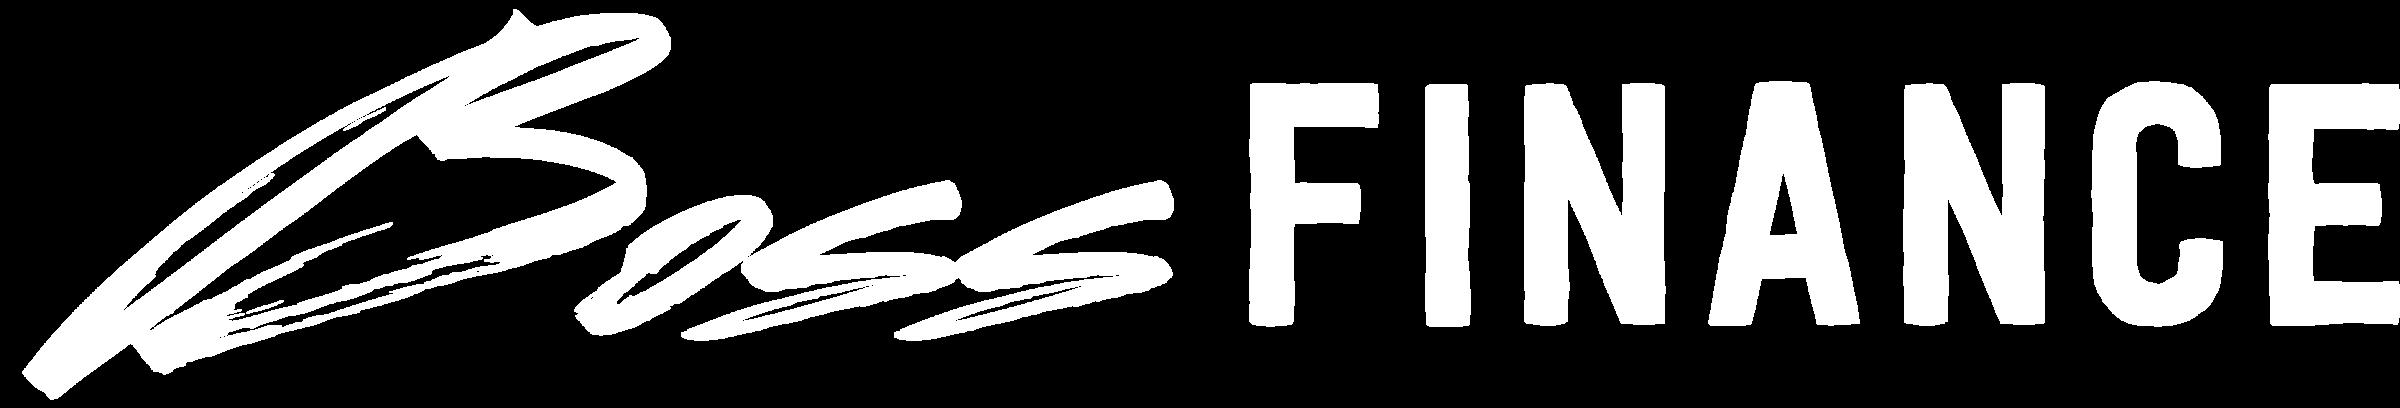 Boss Finance Logo White